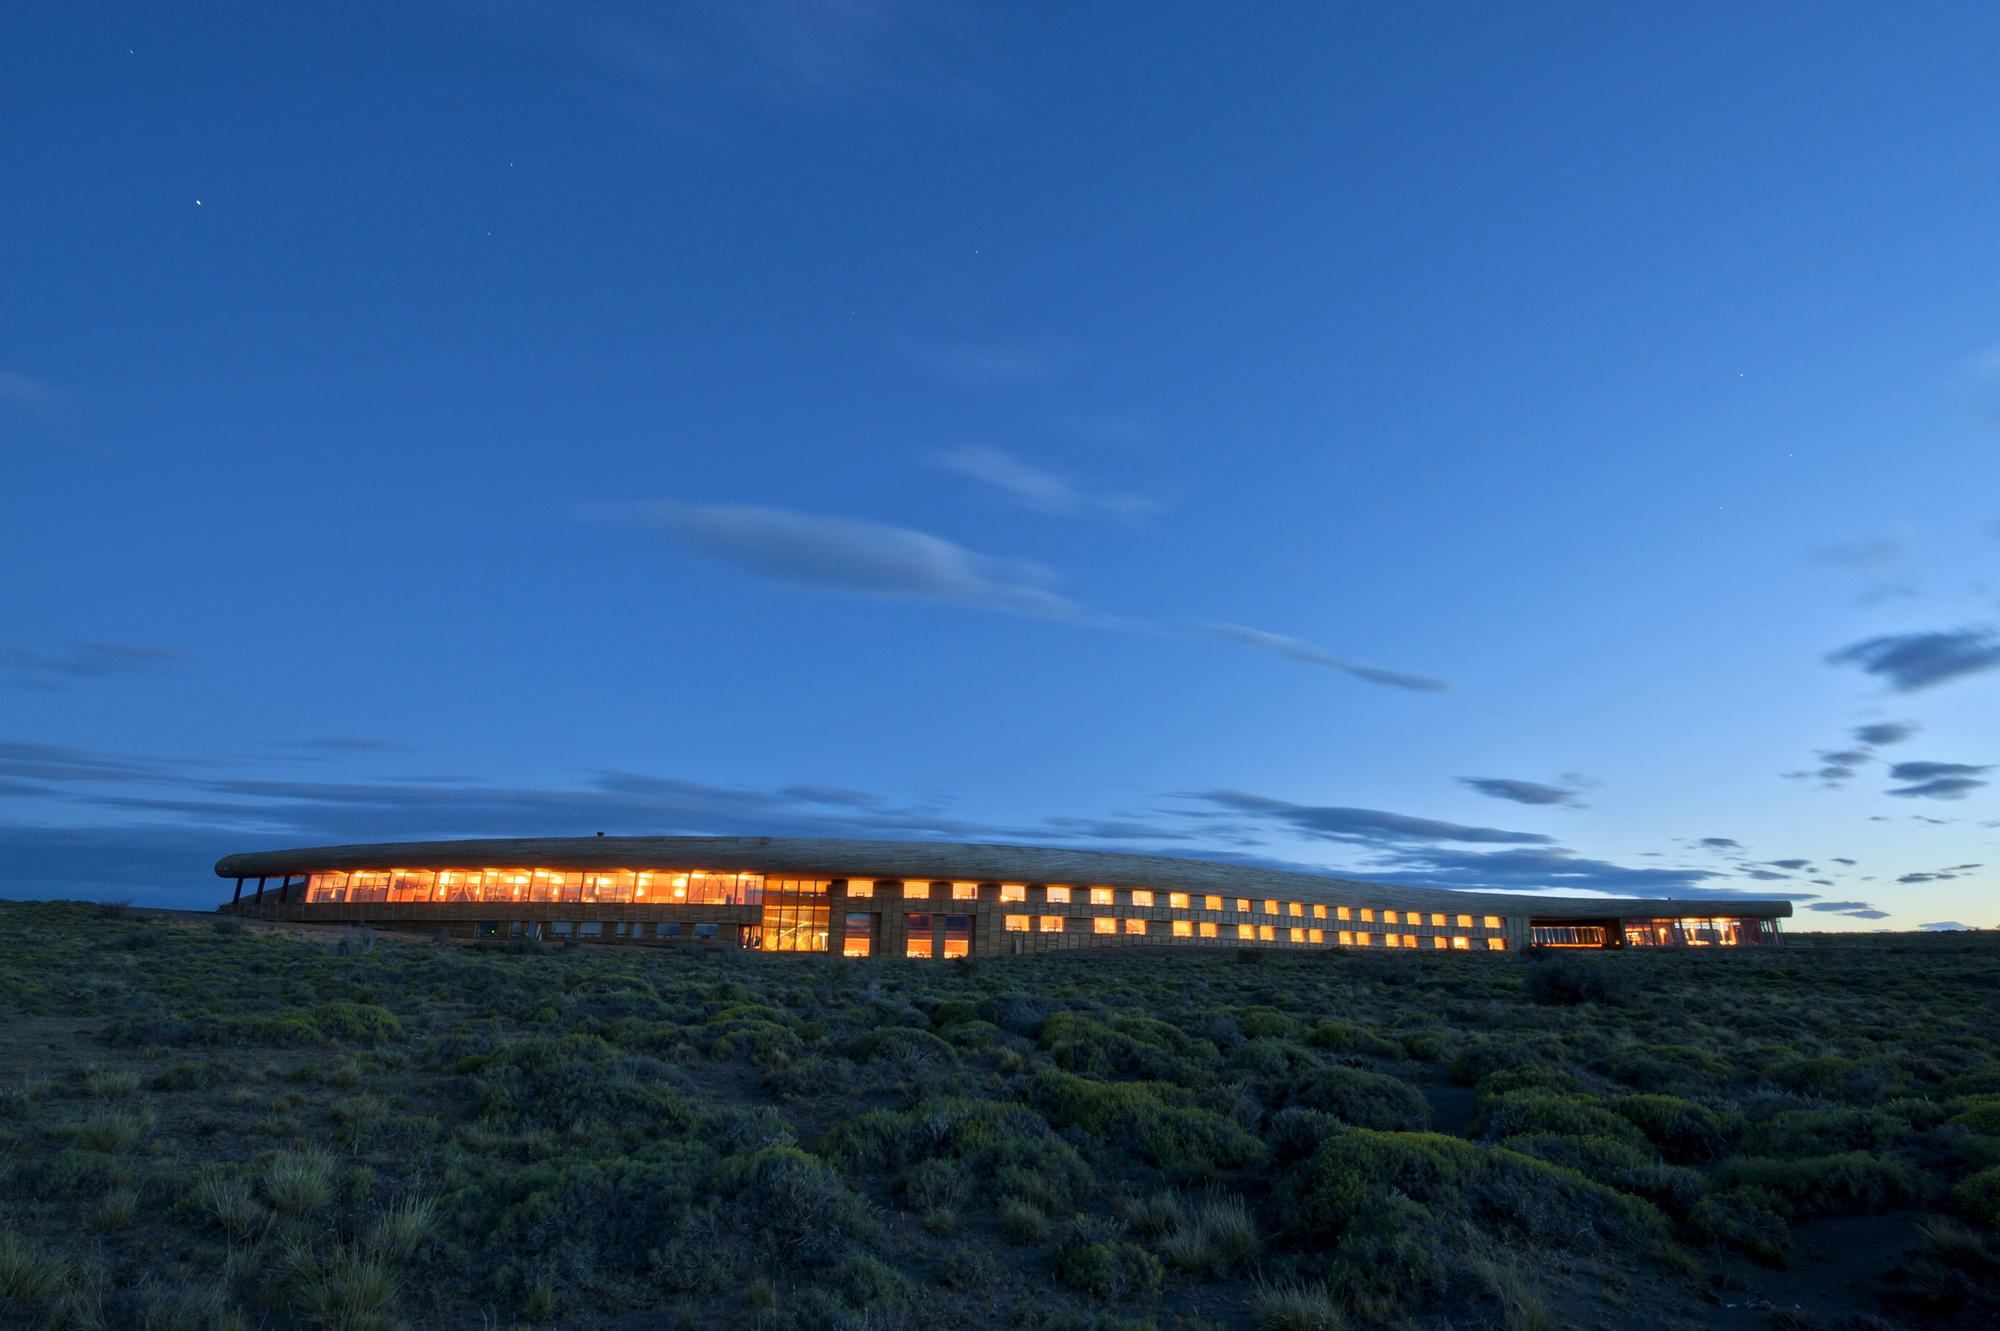 Hotel Tierra Patagonia / Cazú Zegers, © Cortesía de Cazú Zegers Arquitectura